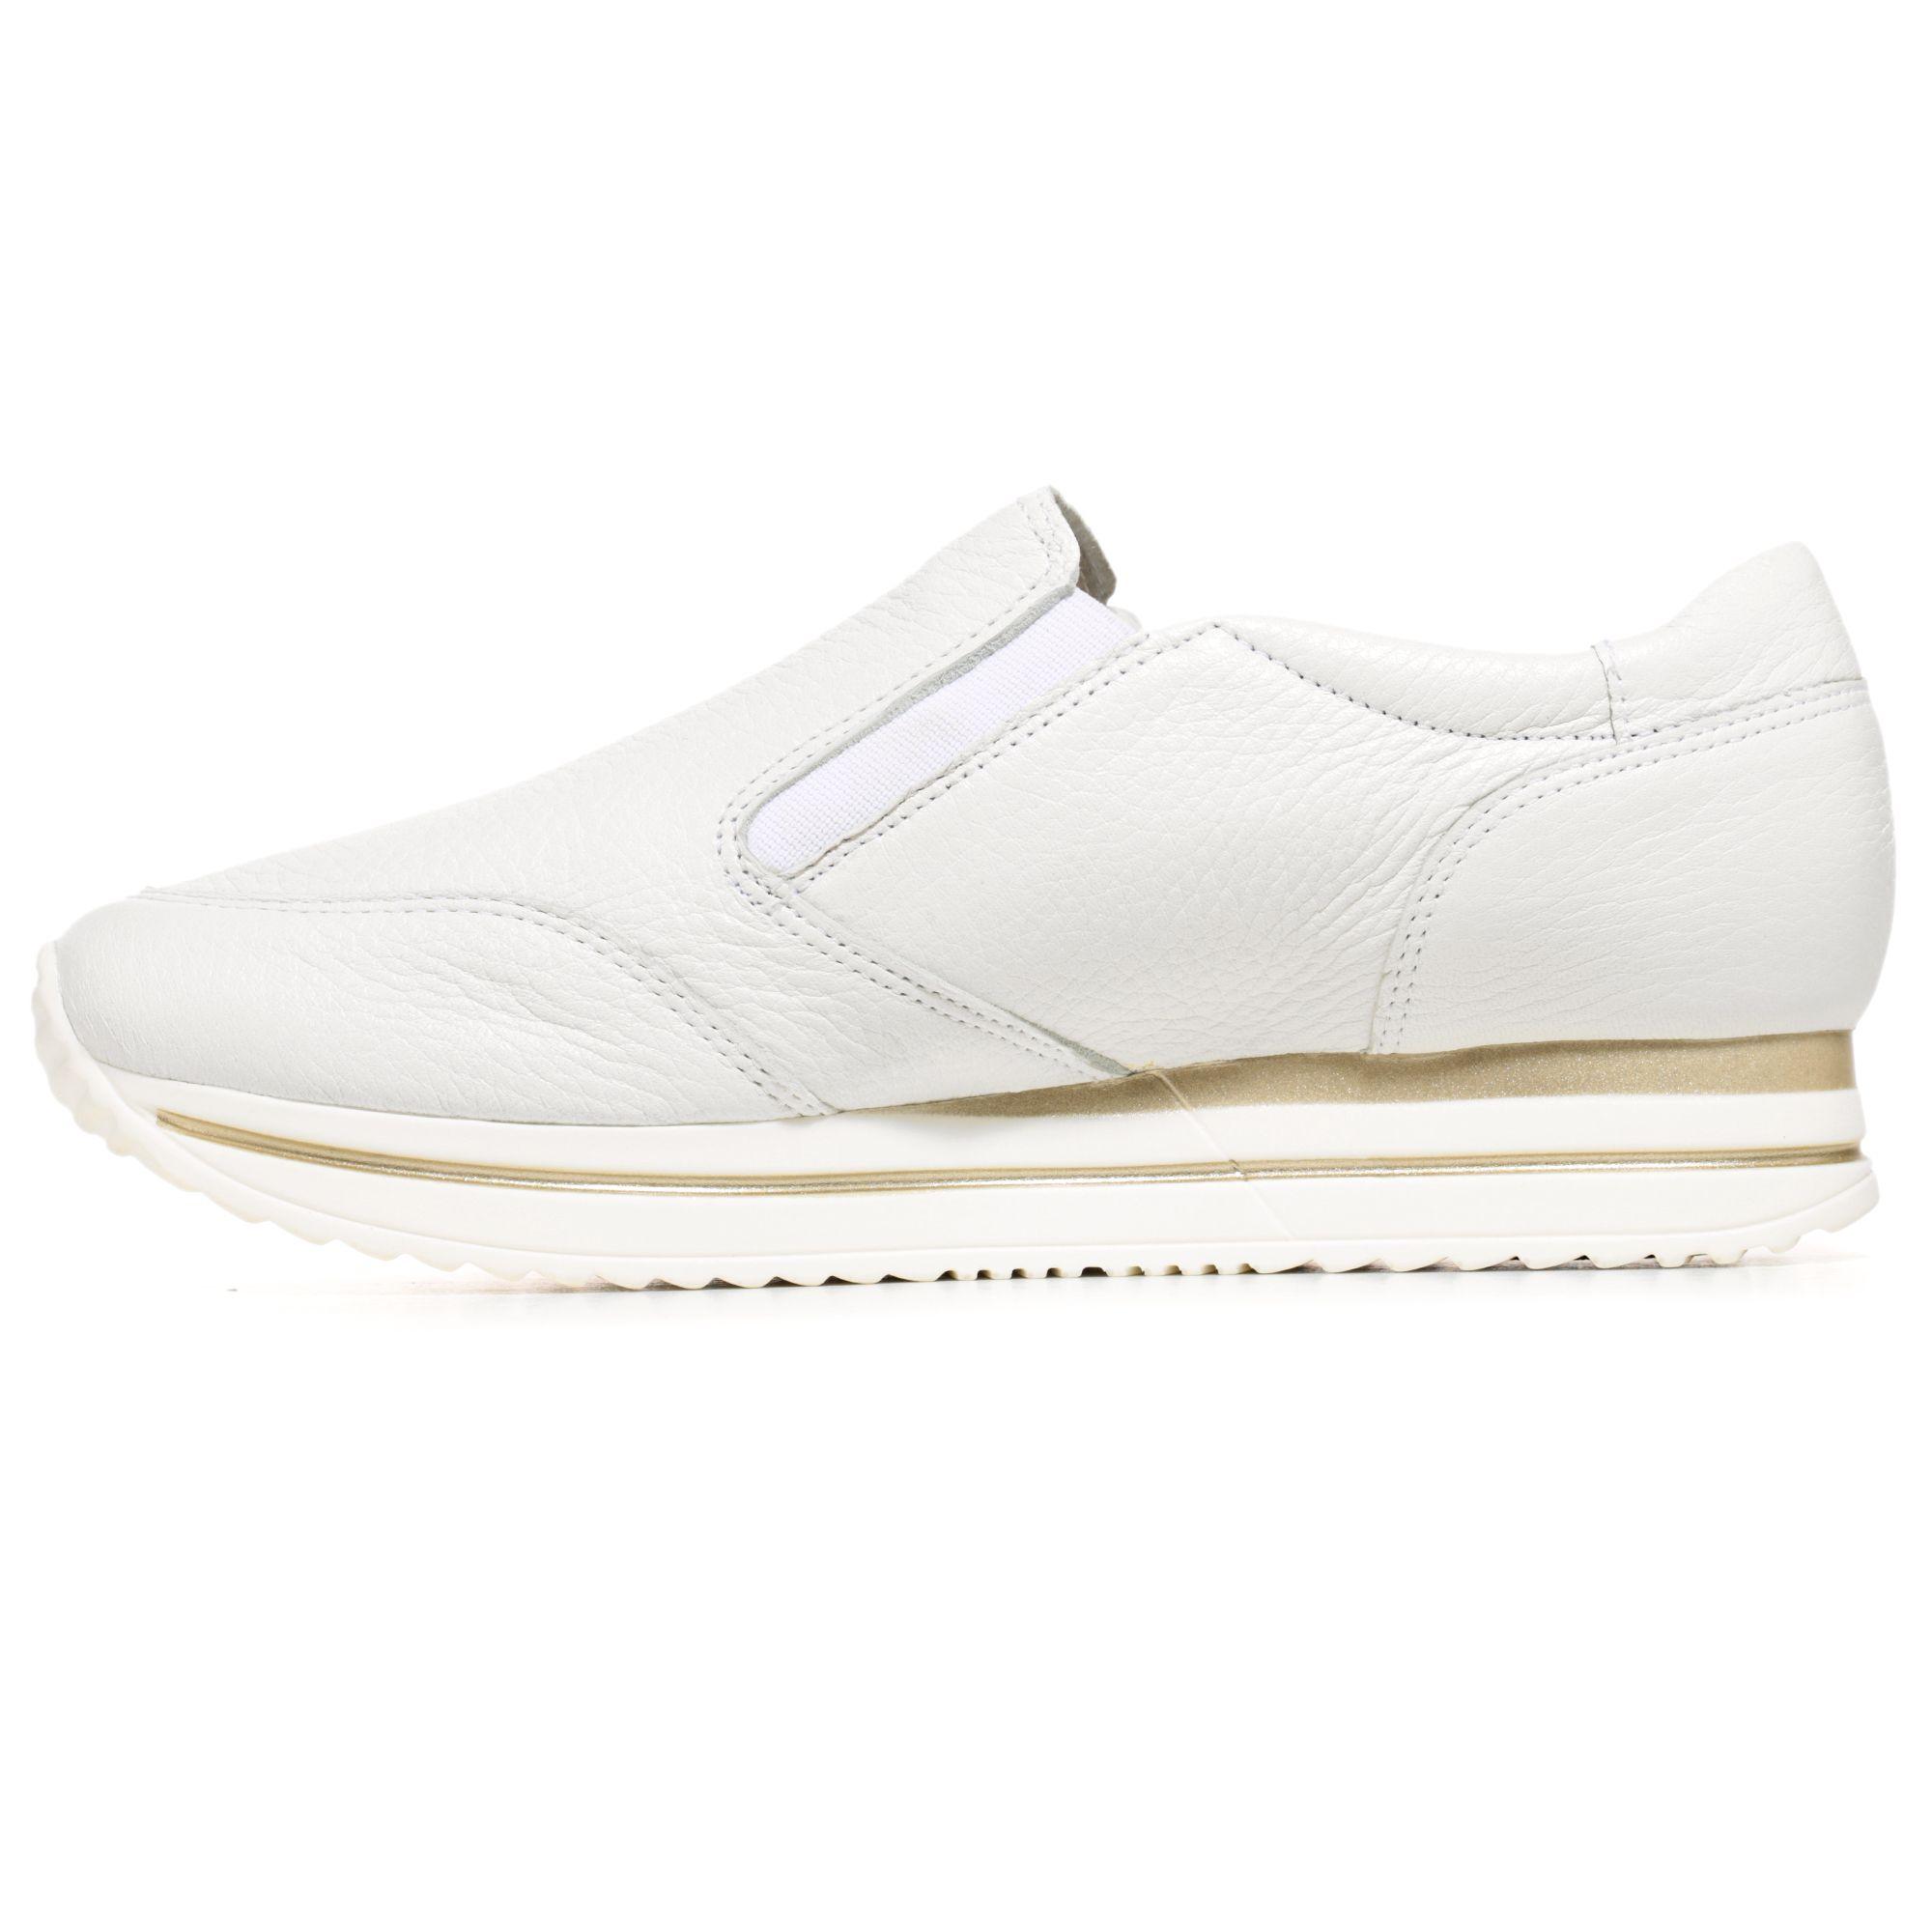 Schuhe Hilfreich 1 Paar Schwarz Schuh Zurück Ferse Einsätze Einlegesohlen Elastische Tuch Einsätze Für Frauen Die Neueste Mode